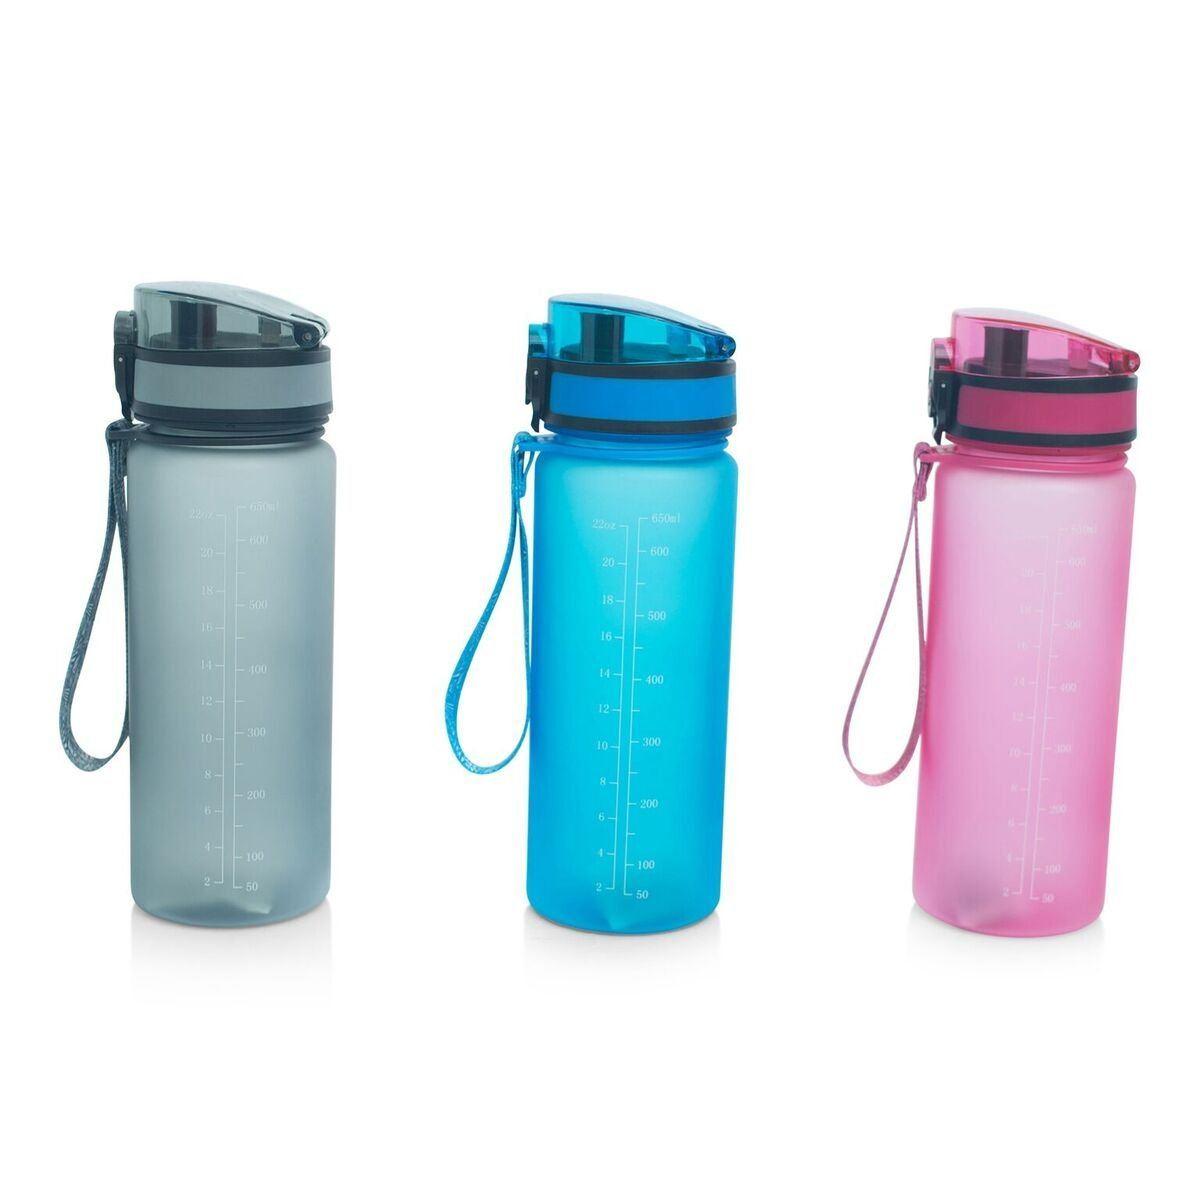 banters 1 liter sport trinkflasche bpa frei mit schraub. Black Bedroom Furniture Sets. Home Design Ideas